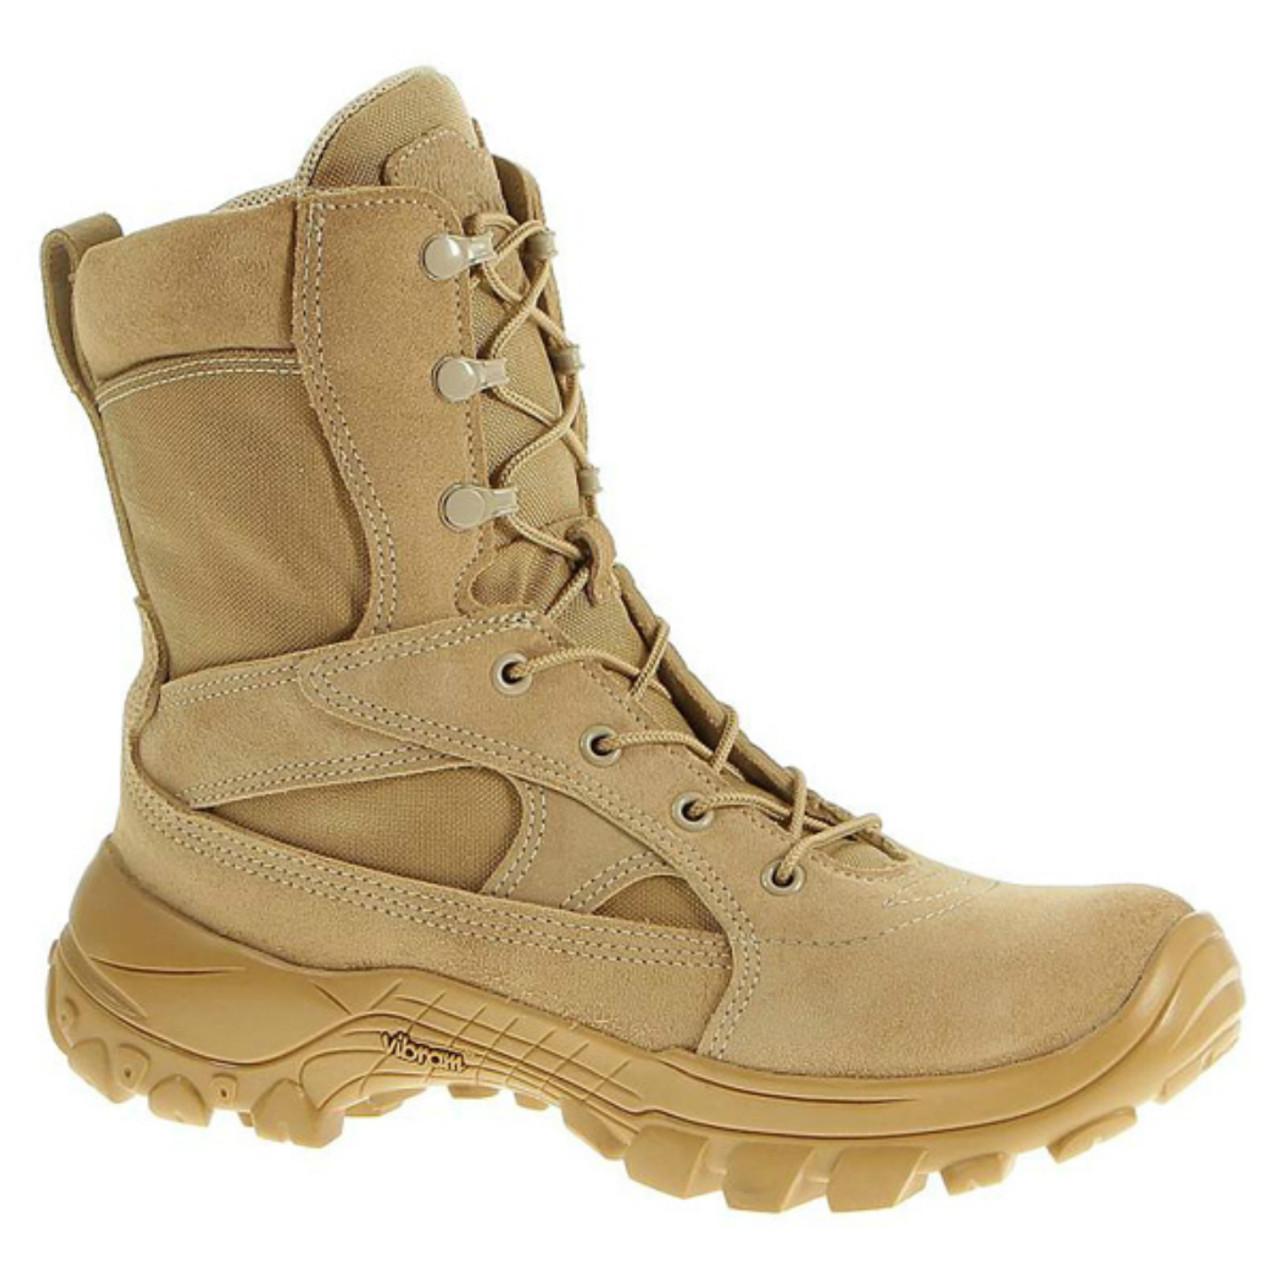 01d9c0f5540 Bates 1801 Mens Delta-8 Desert Boot